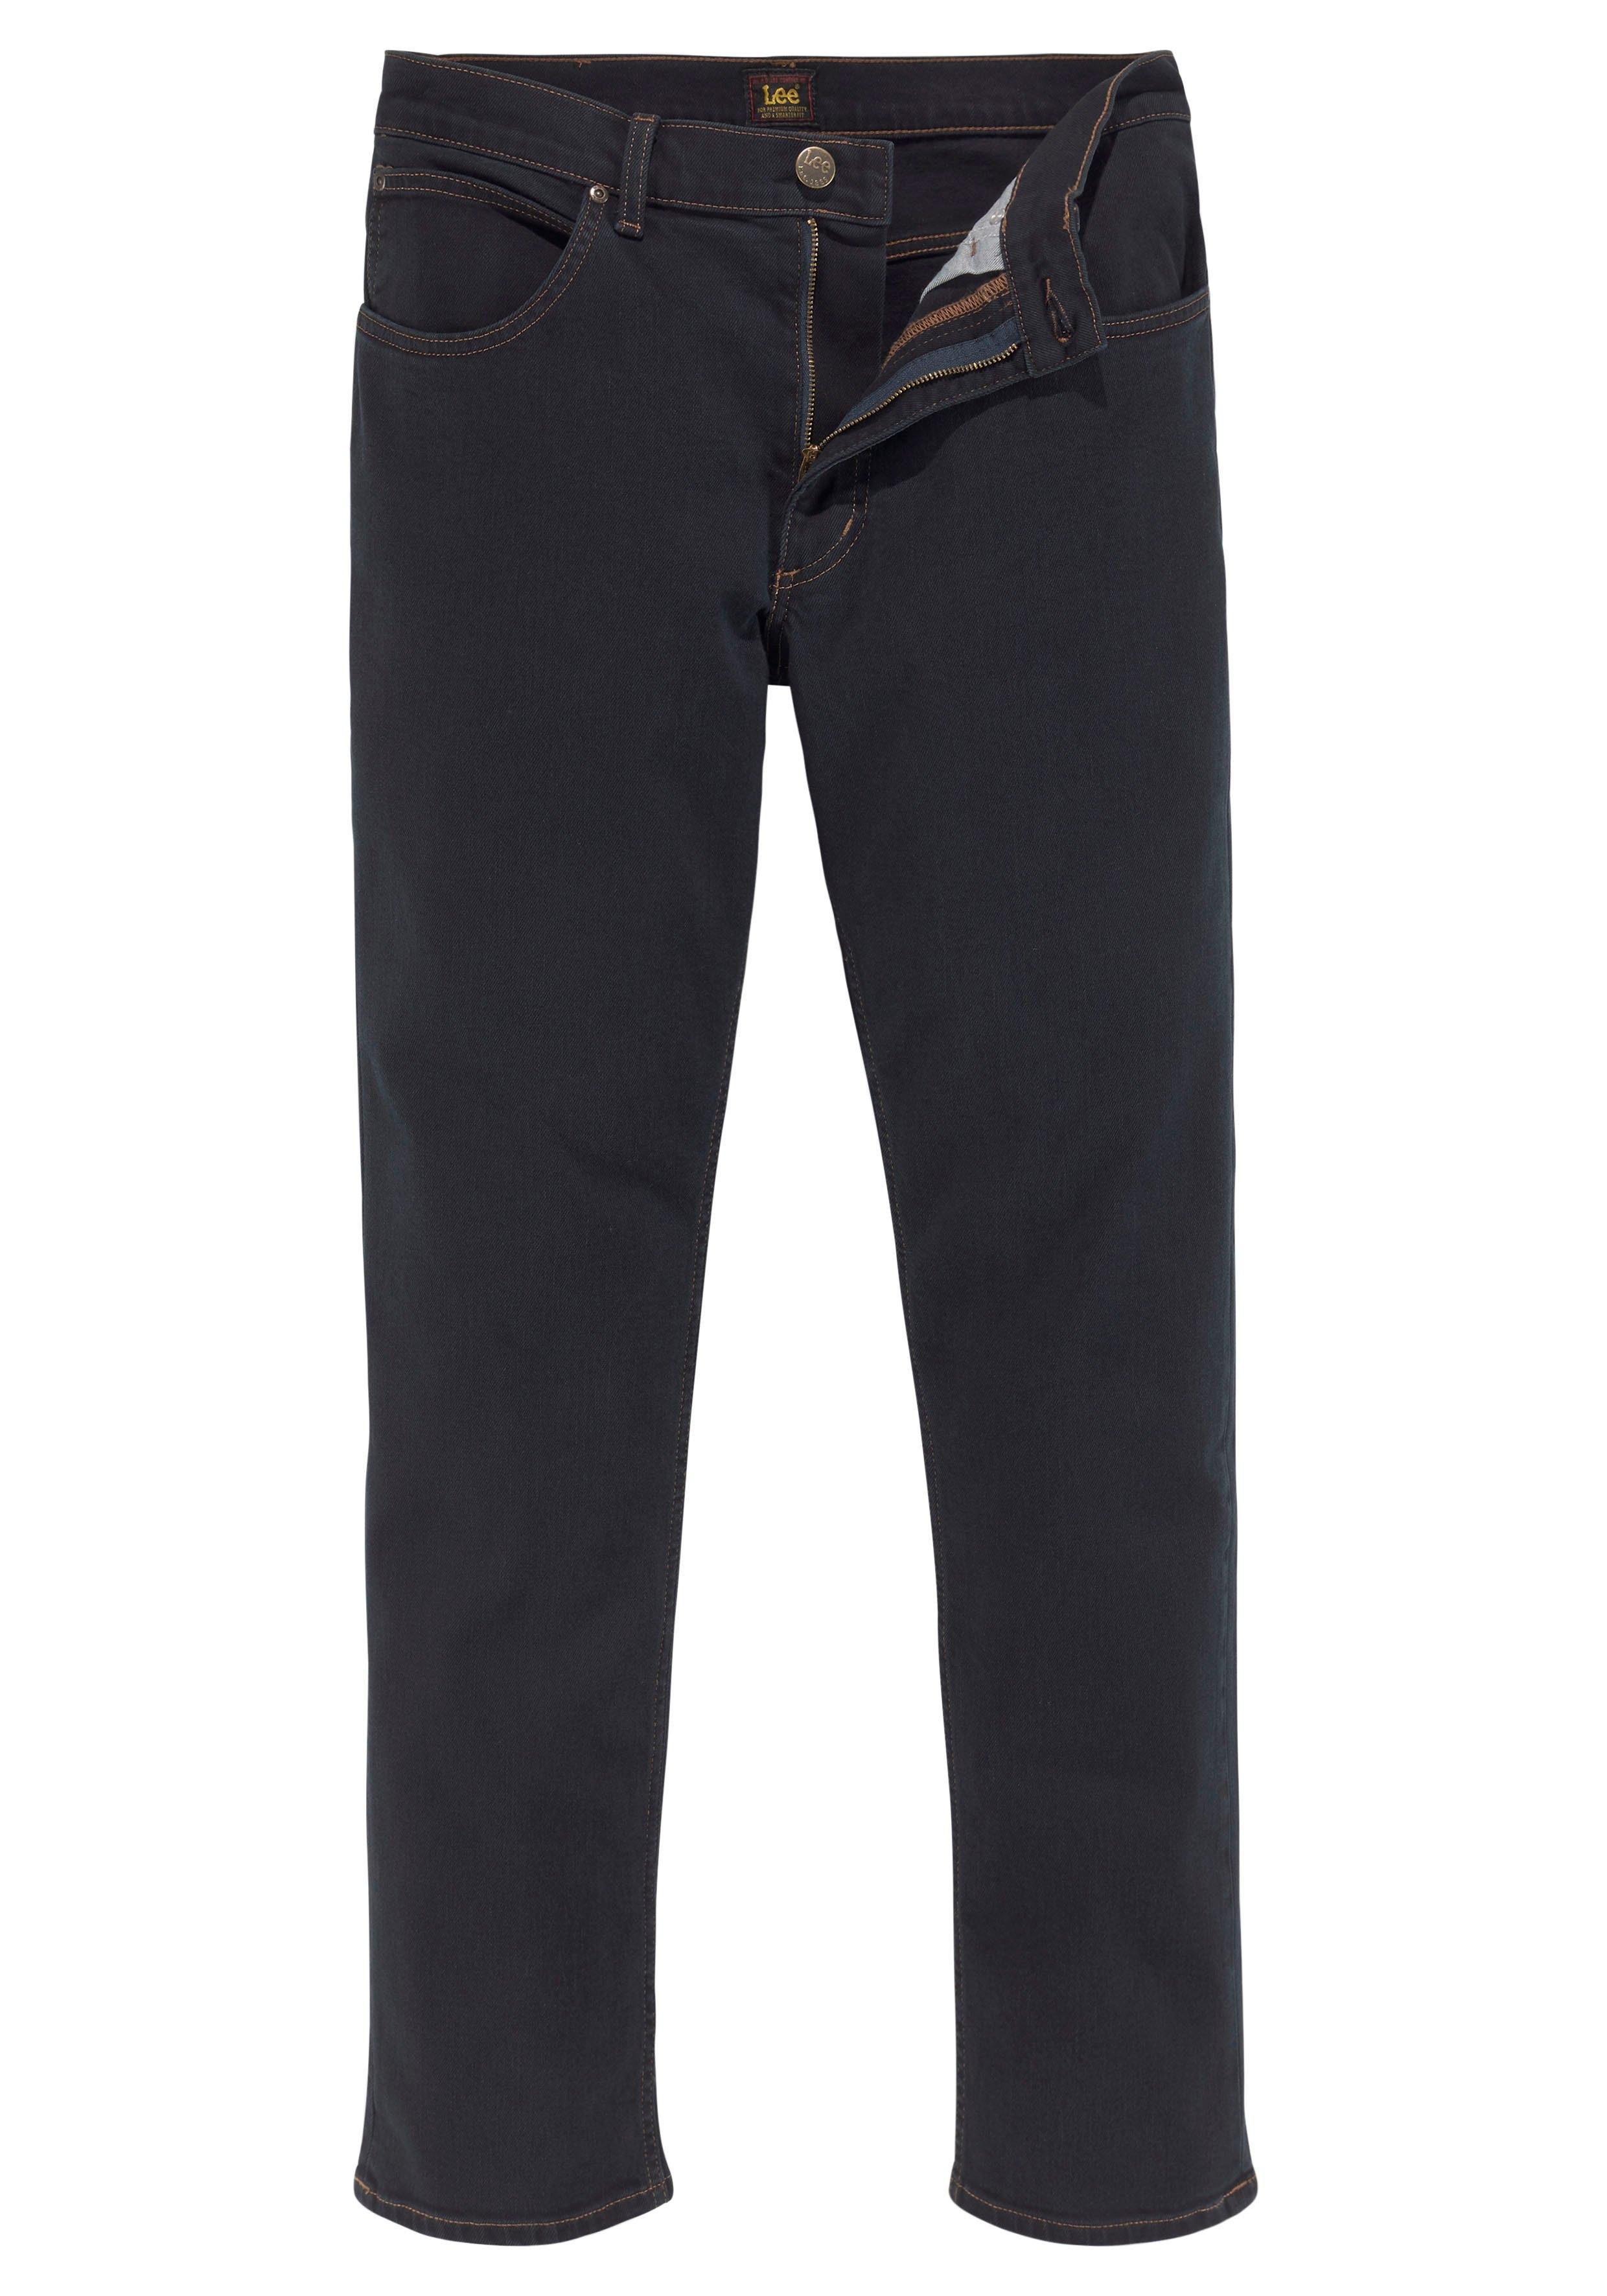 Lee straight jeans Brooklyn online kopen op otto.nl